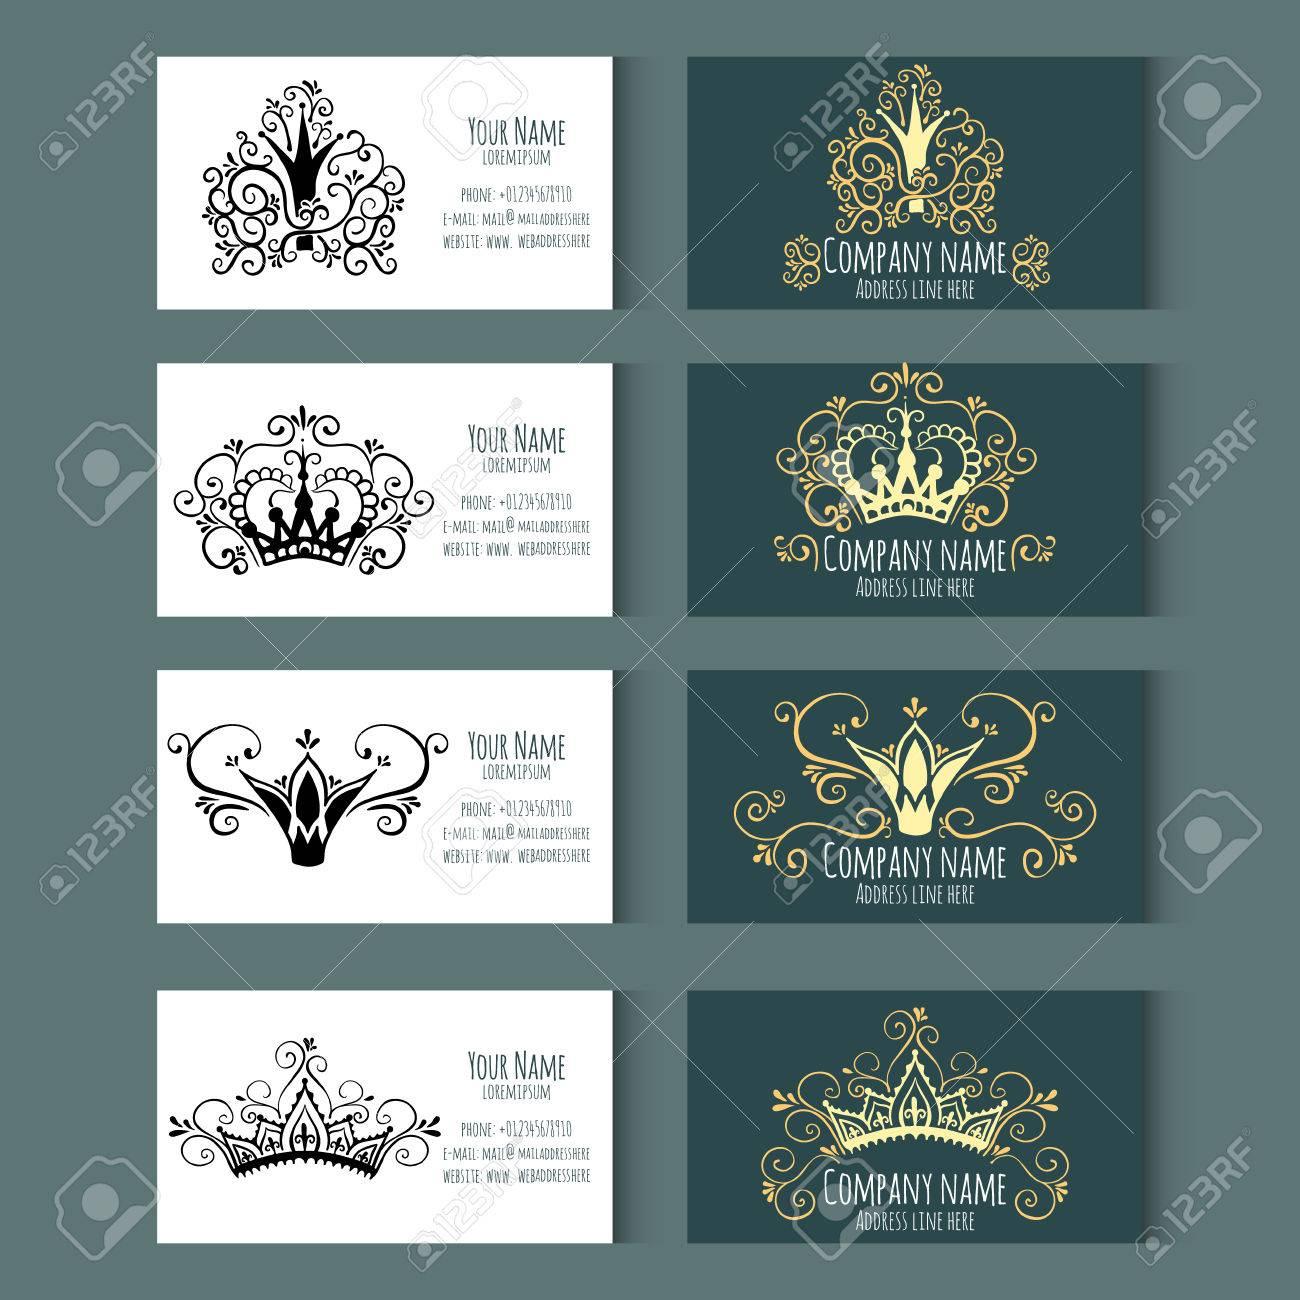 Conjunto De Plantillas Para Tarjetas De Visita Con Coronas. Estilo ...